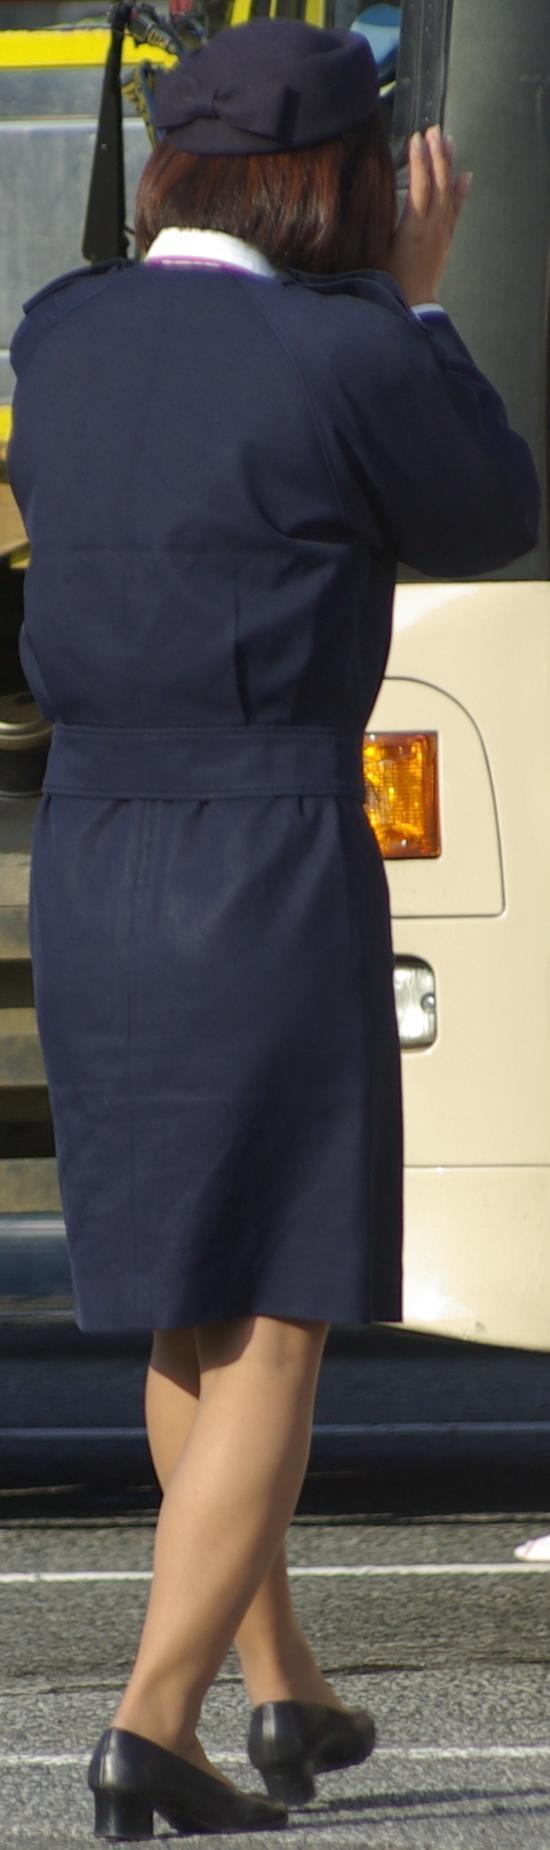 バスガイドのパンティラインが透けそうなタイトスカート尻12枚目